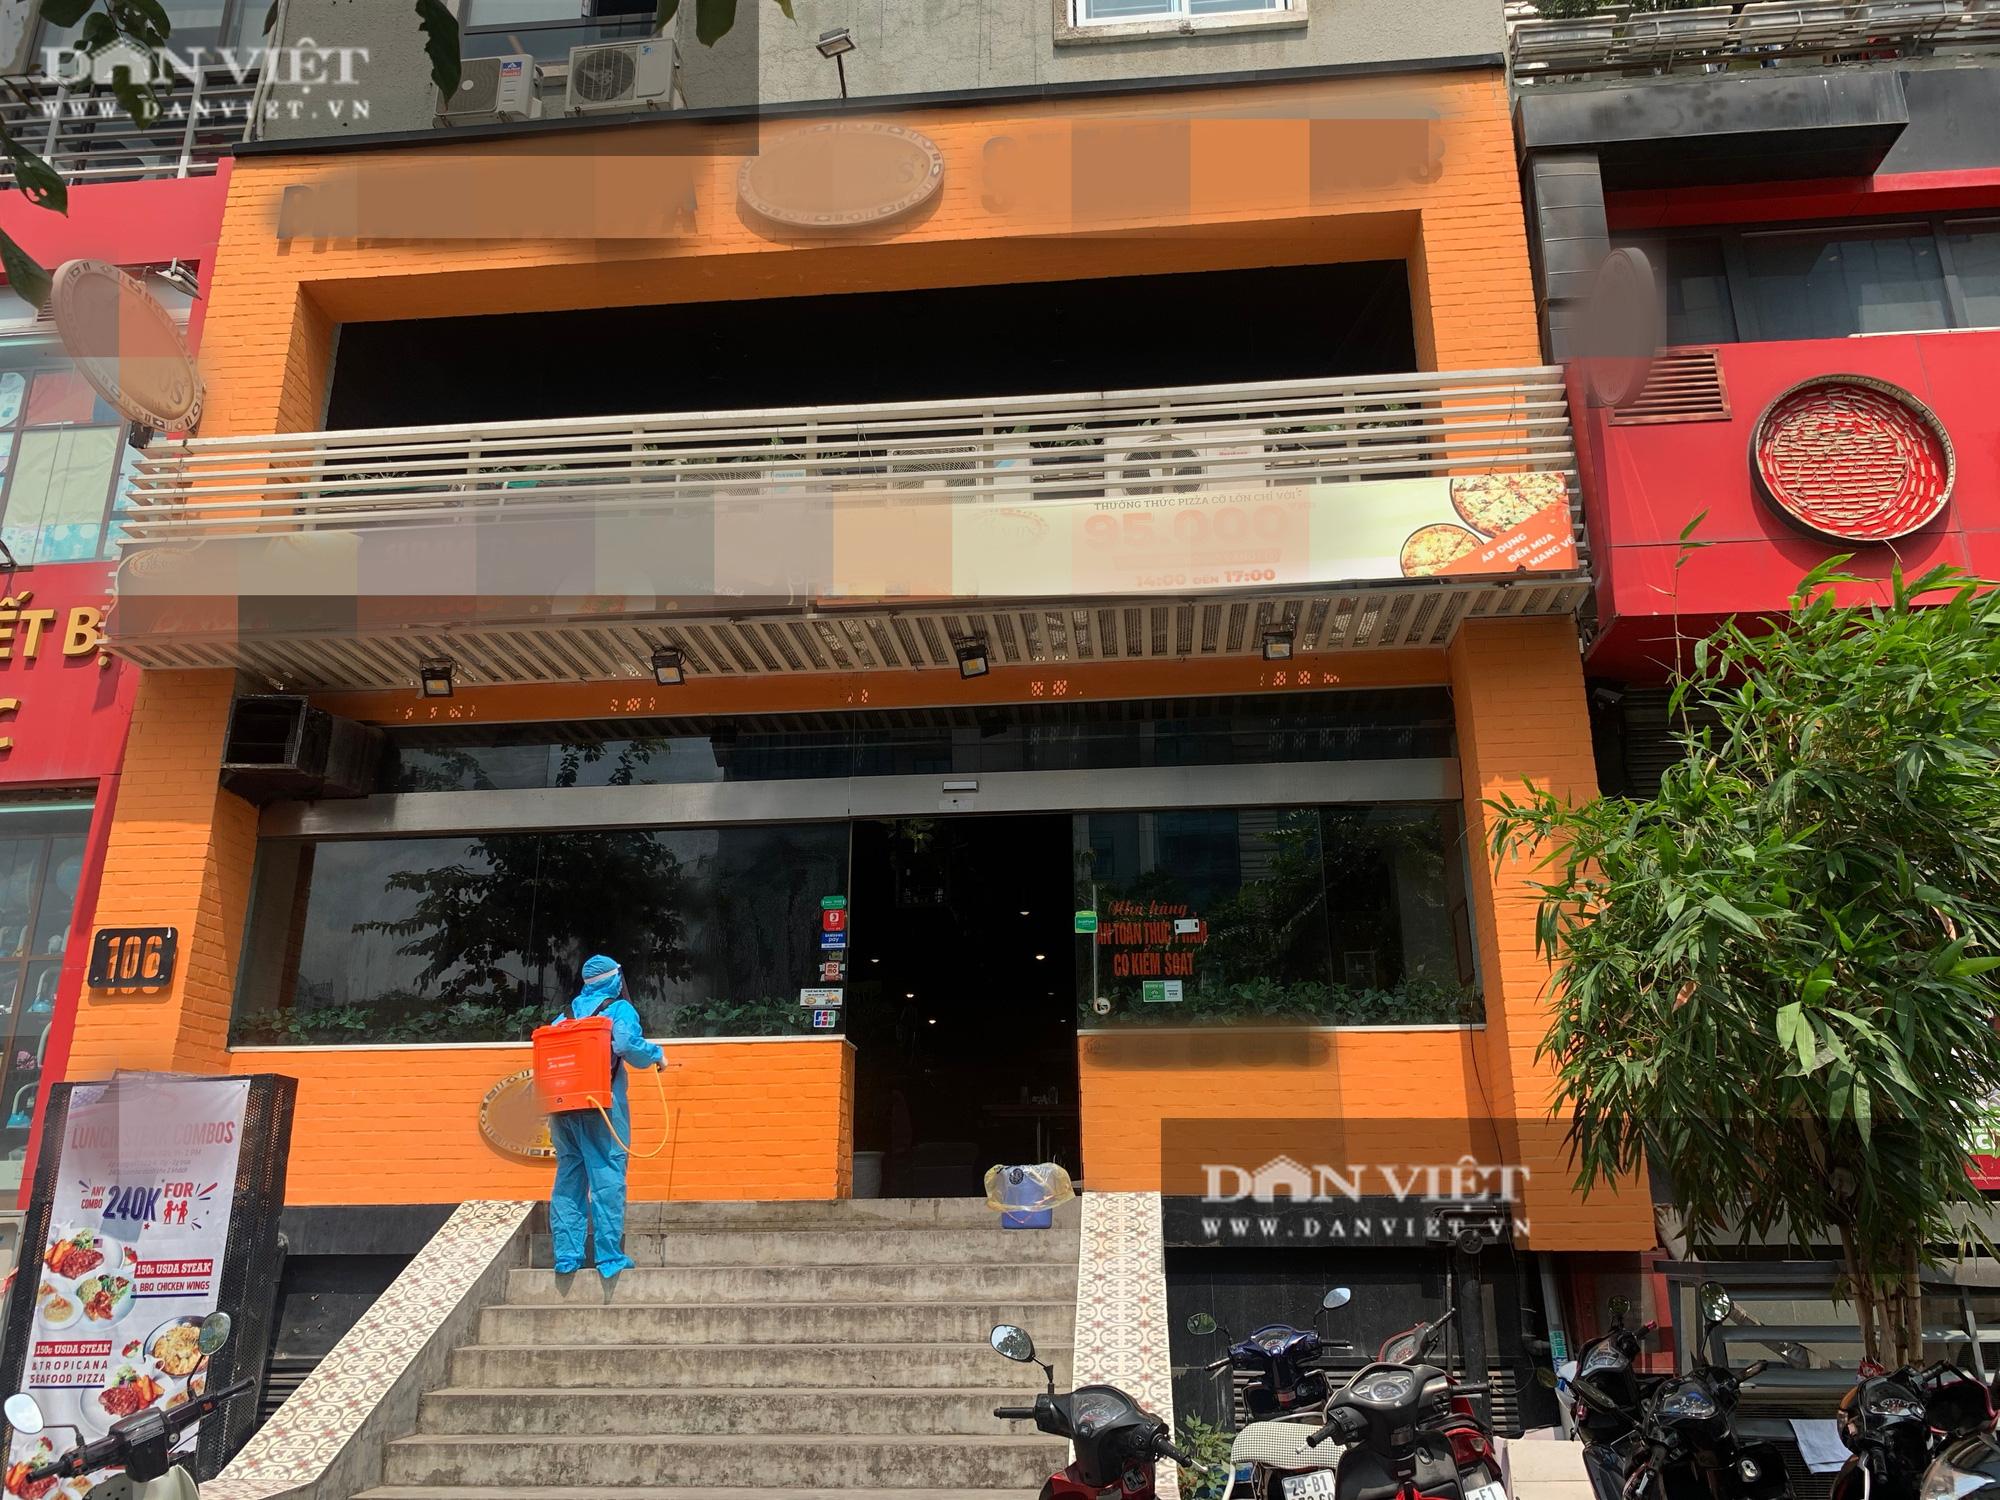 Một bệnh nhân nghi nhiễm Covid-19 tại Hà Nội: Phong toả và khử trùng quán pizza trên phố Trần Thái Tông - Ảnh 1.